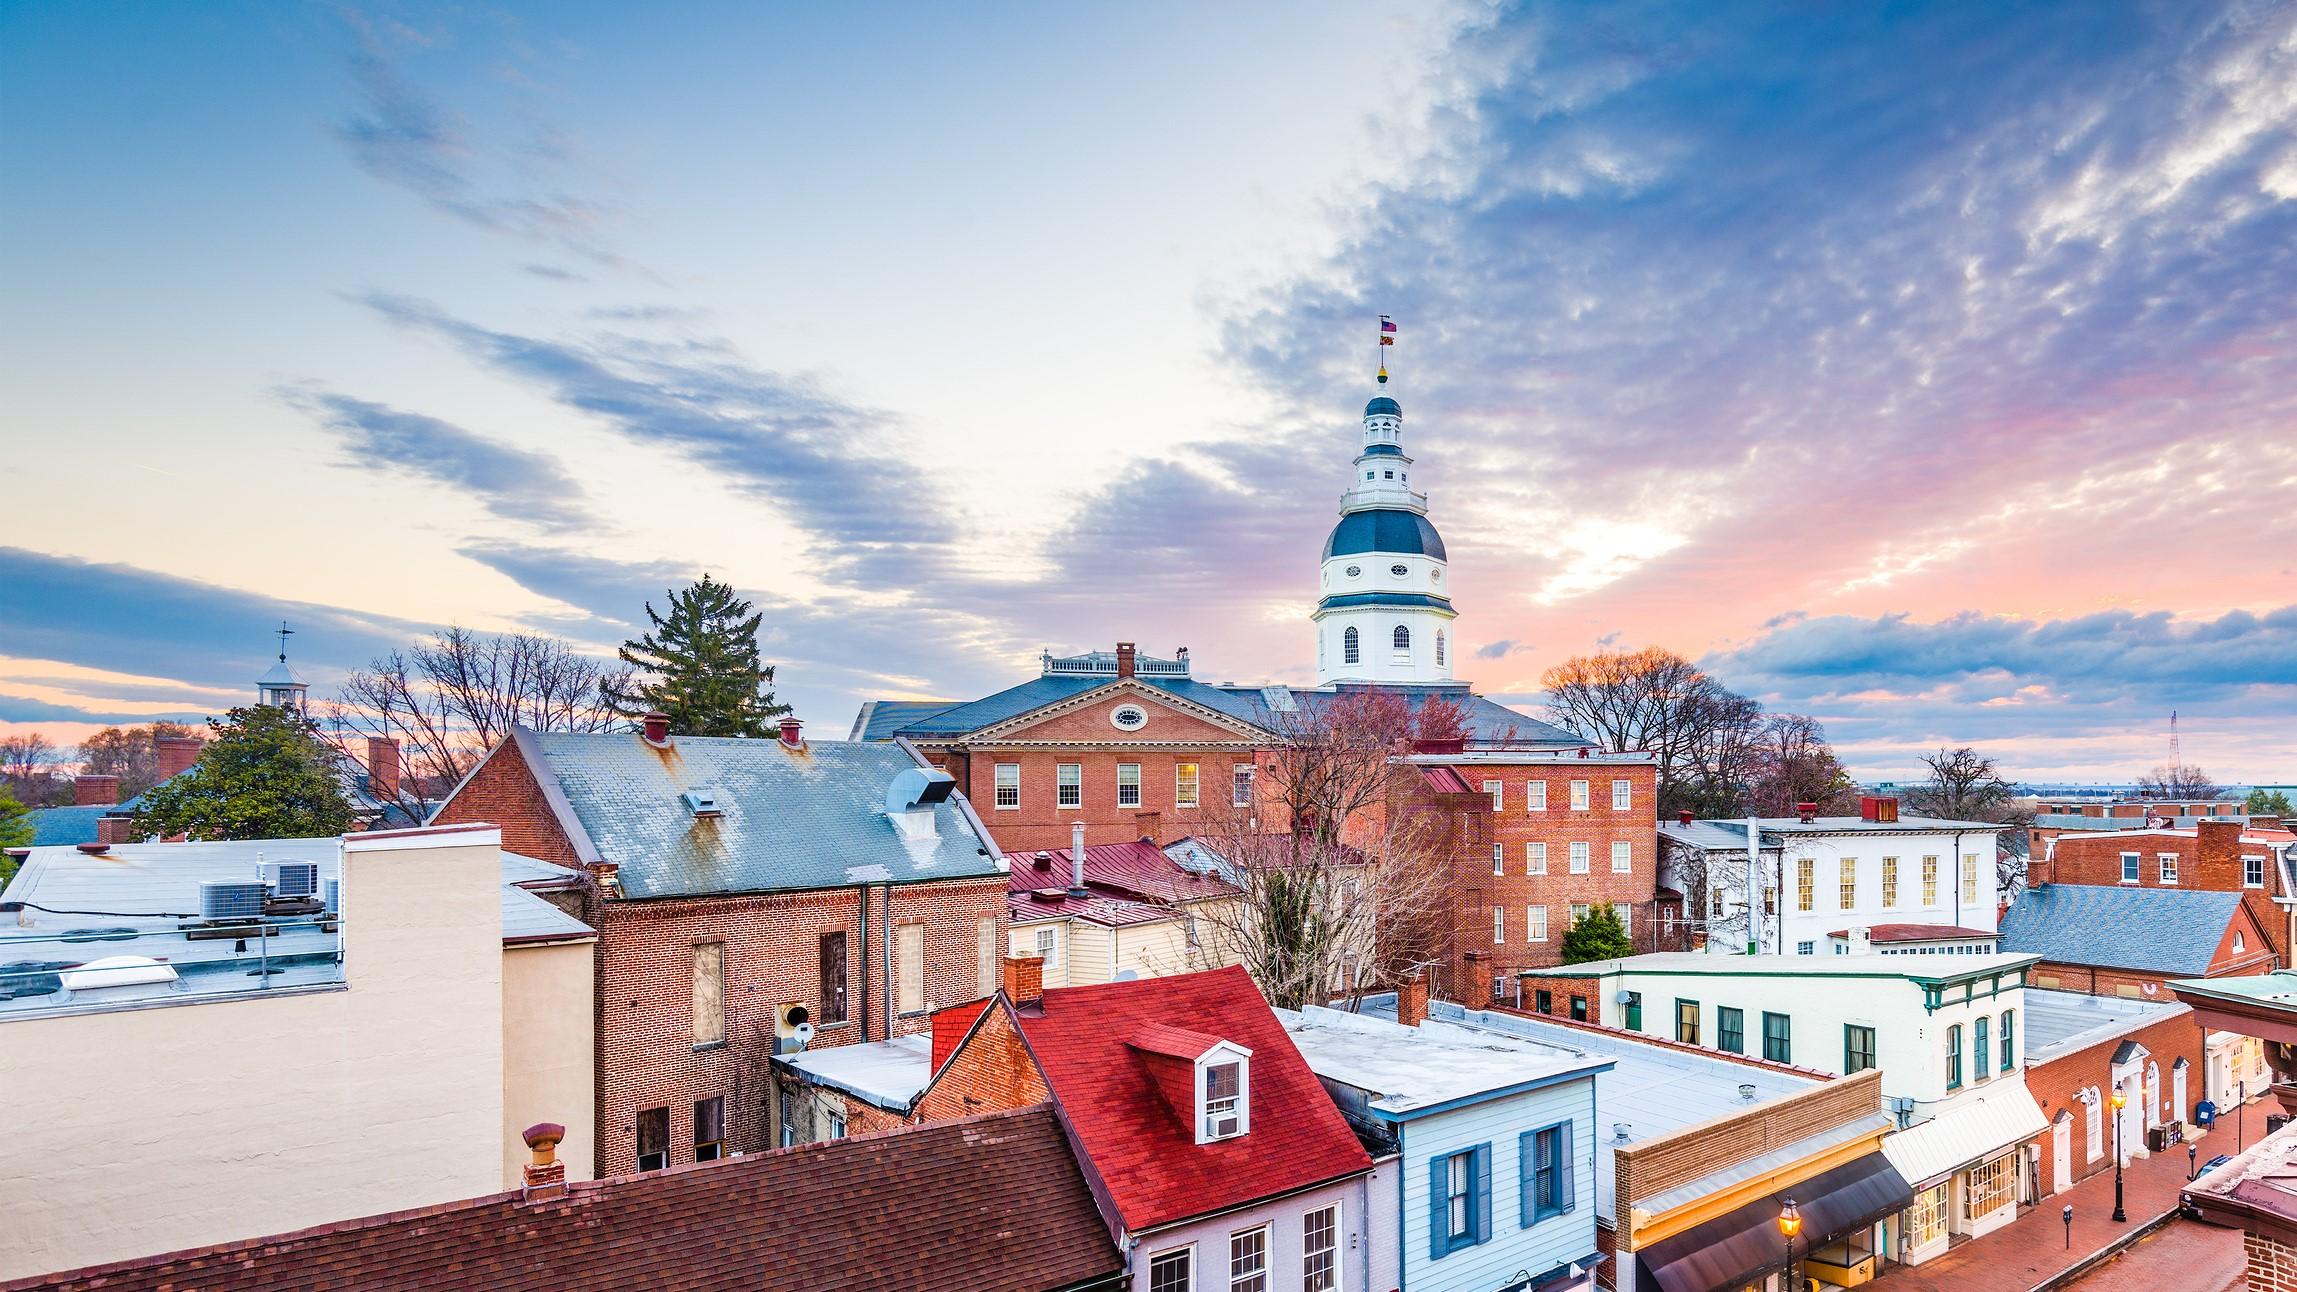 AnnapolisBanner.jpg